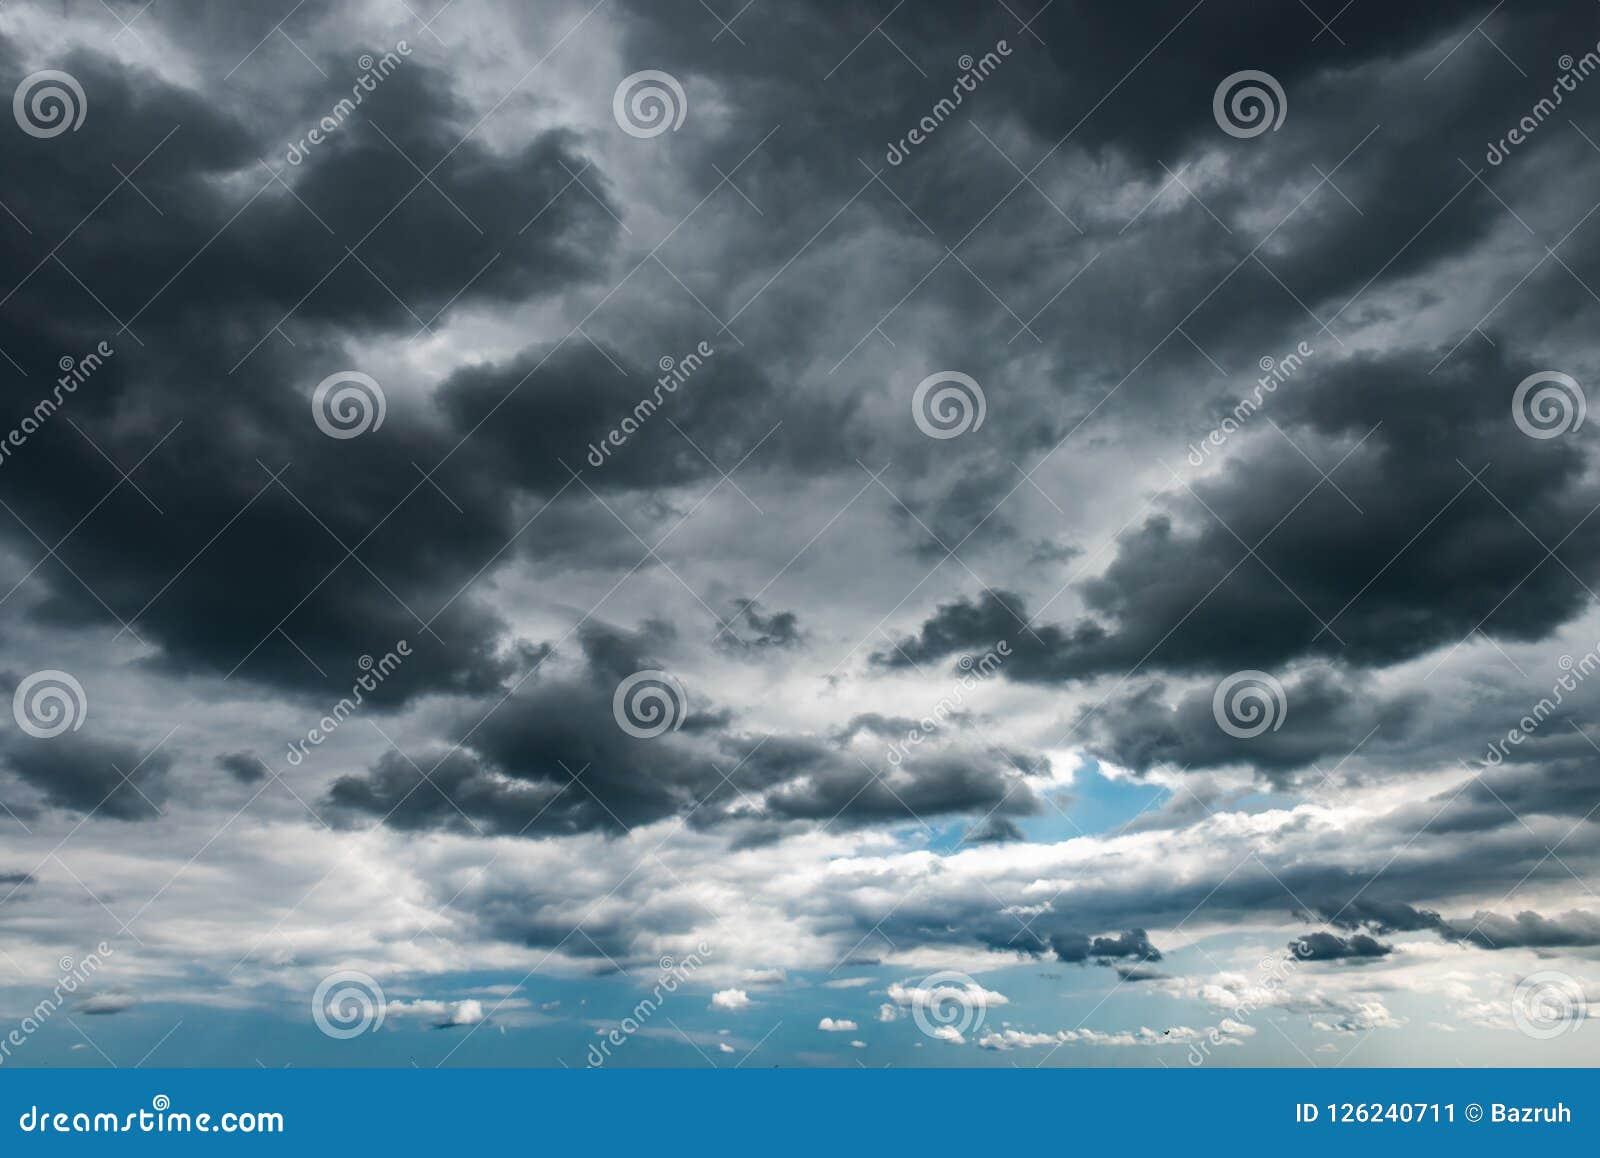 Ciemne burz chmury na niebie